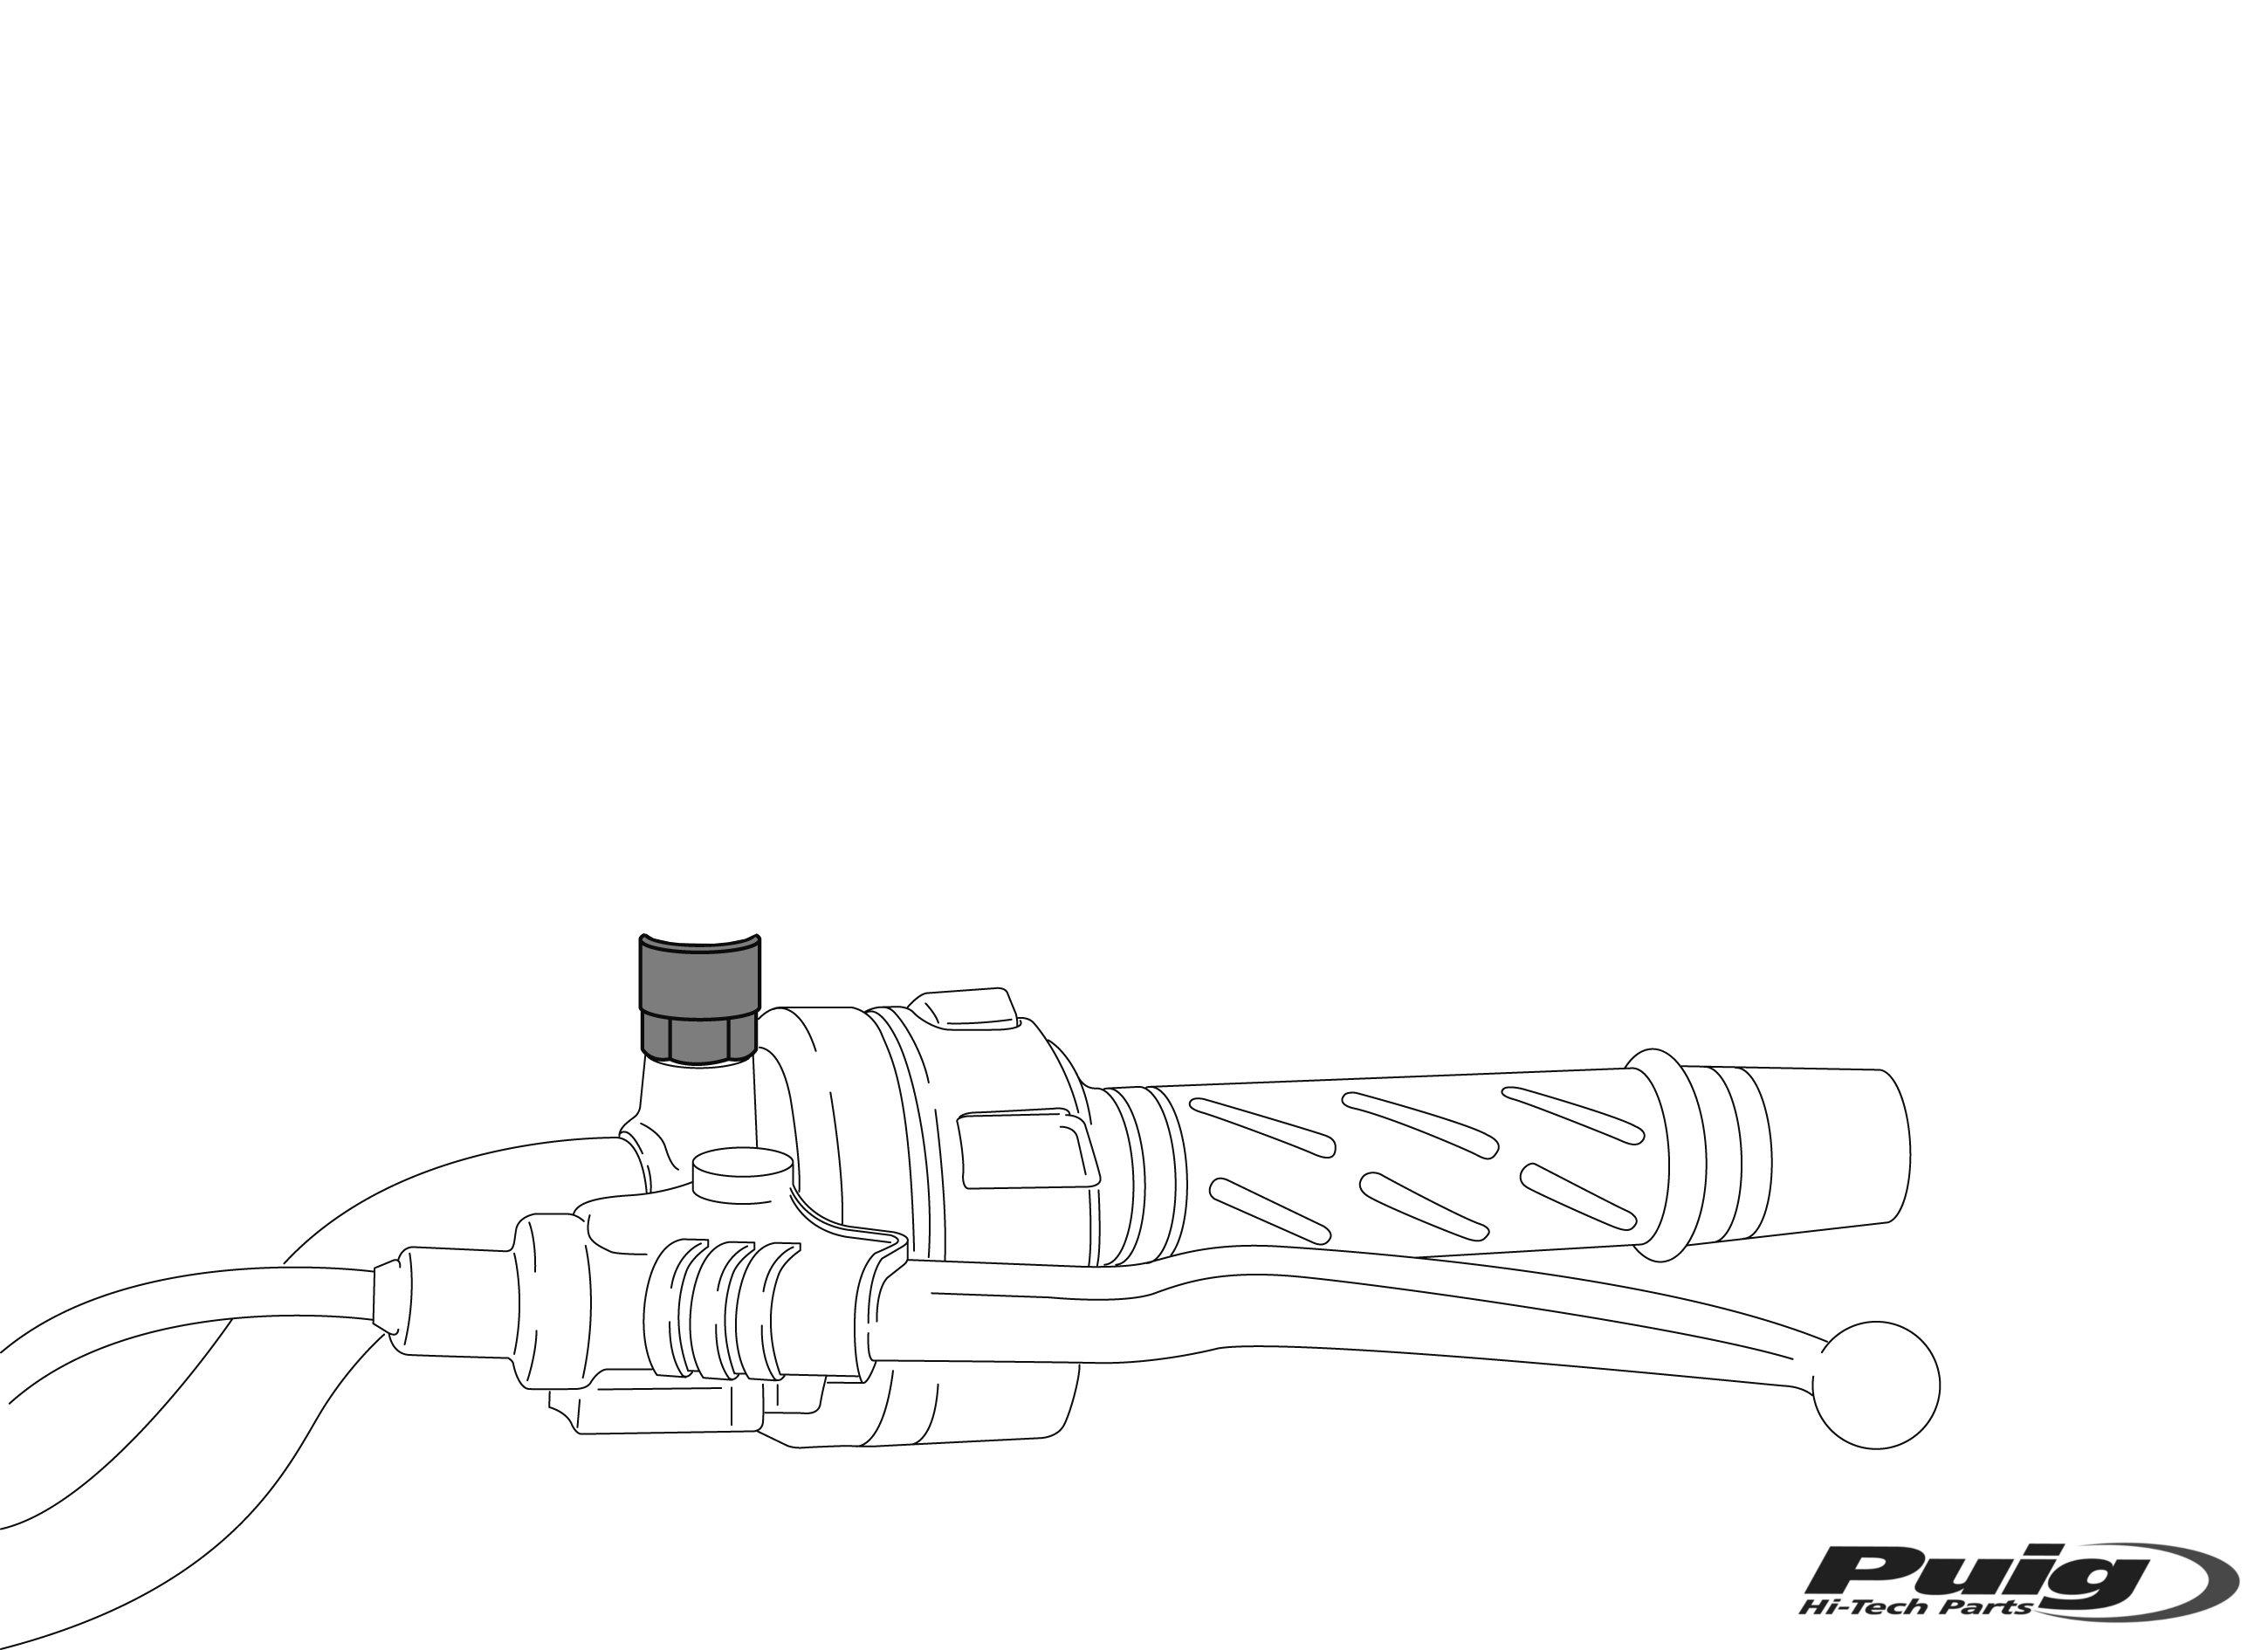 Adaptador retrovisor al pie de carenado Puig 9574N lado derecho para Yamaha T-Max 530 12-17